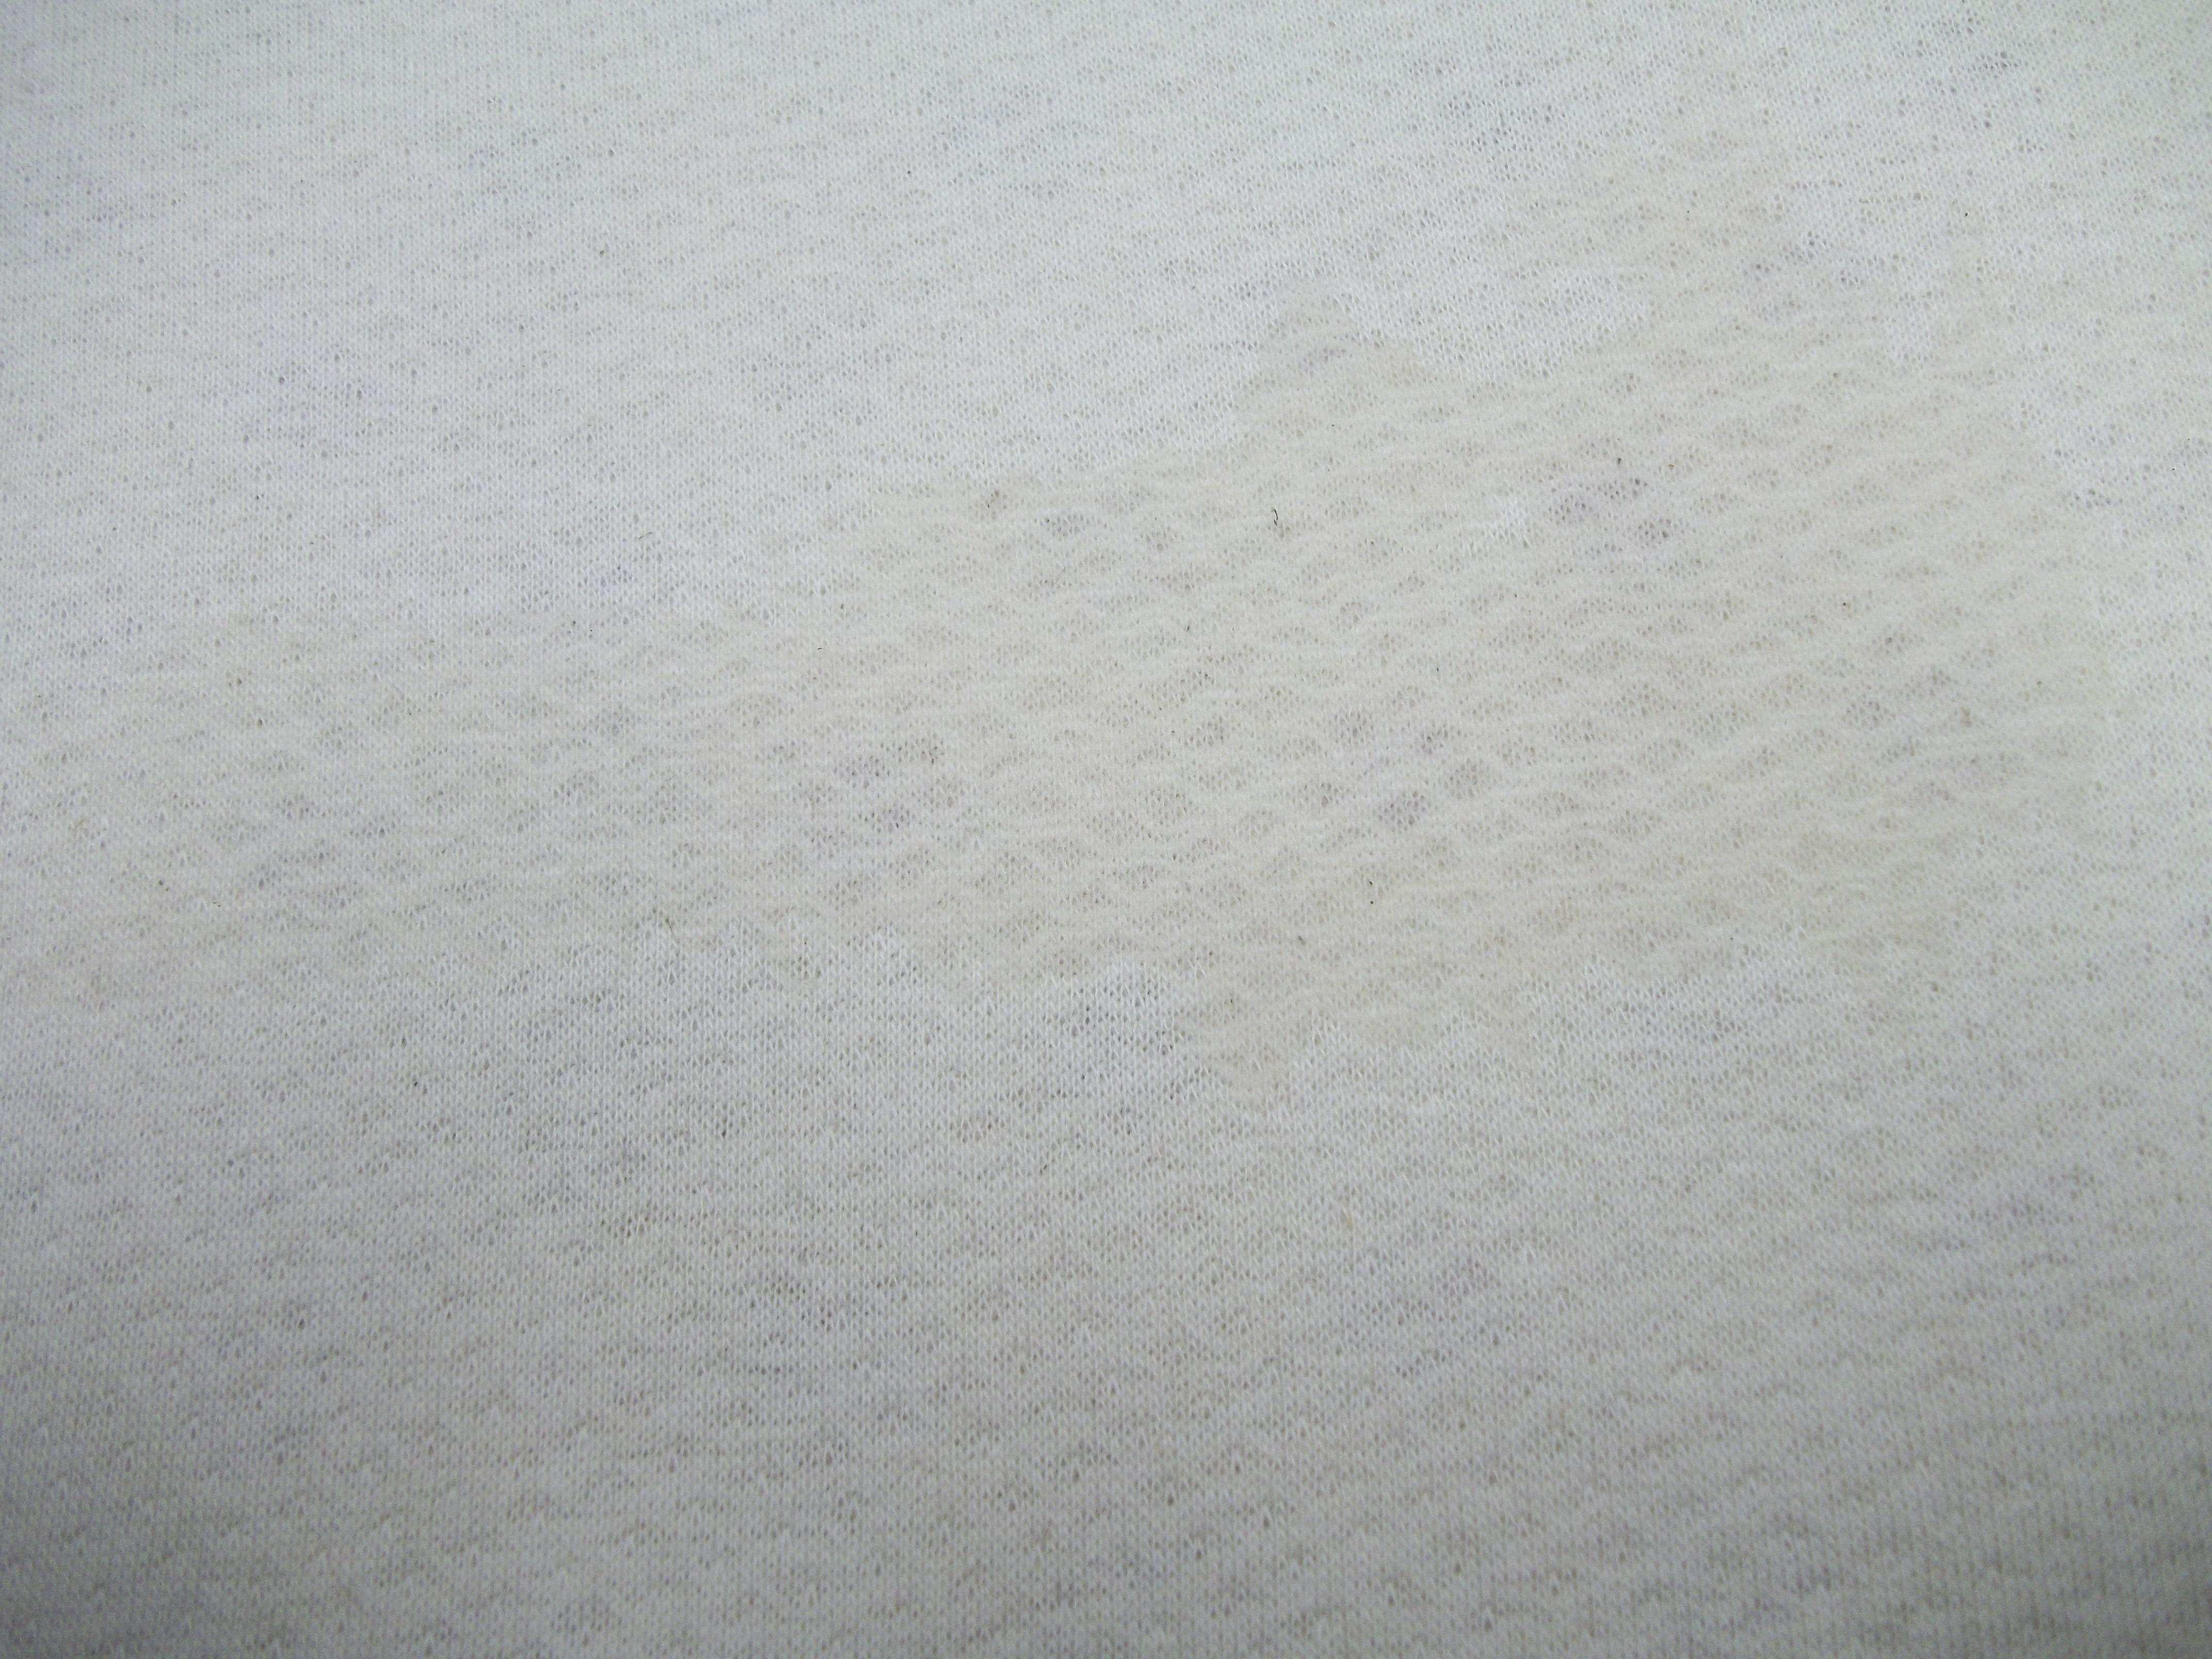 9702779e910 Double Knit GOTS Organic Cotton Fabric Stitching